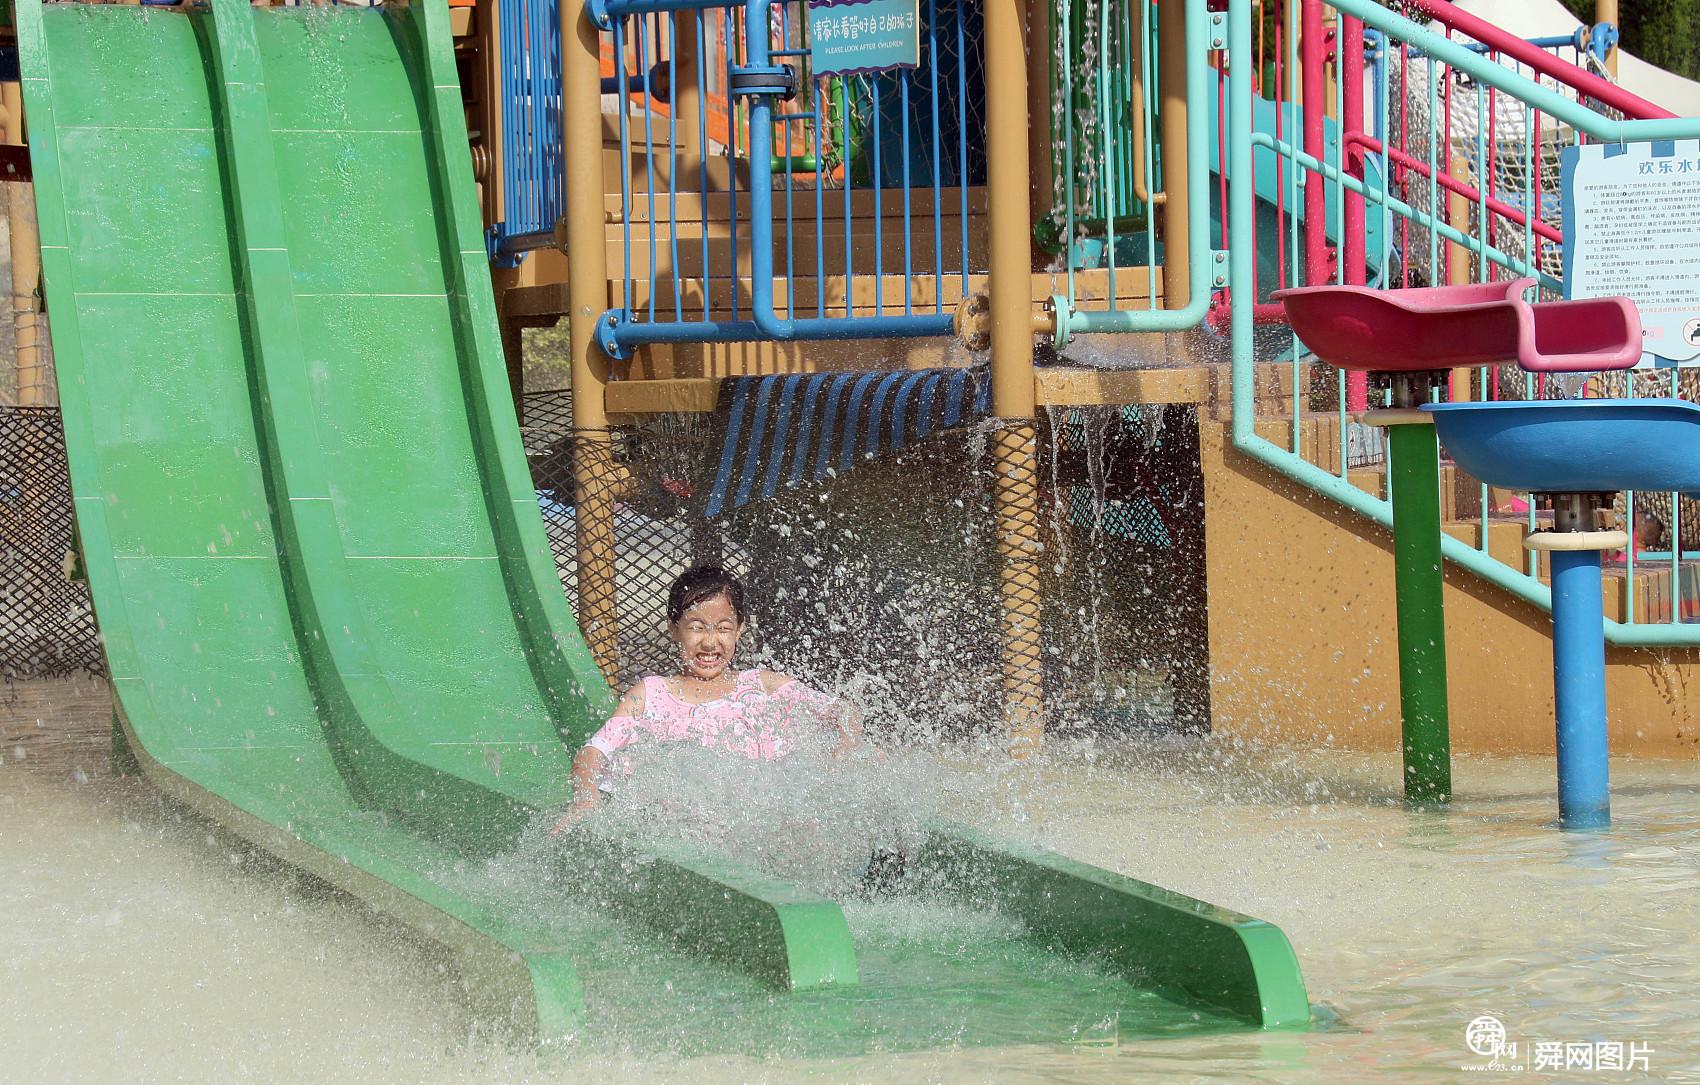 山东蓬莱:市民到水上乐园避暑纳凉